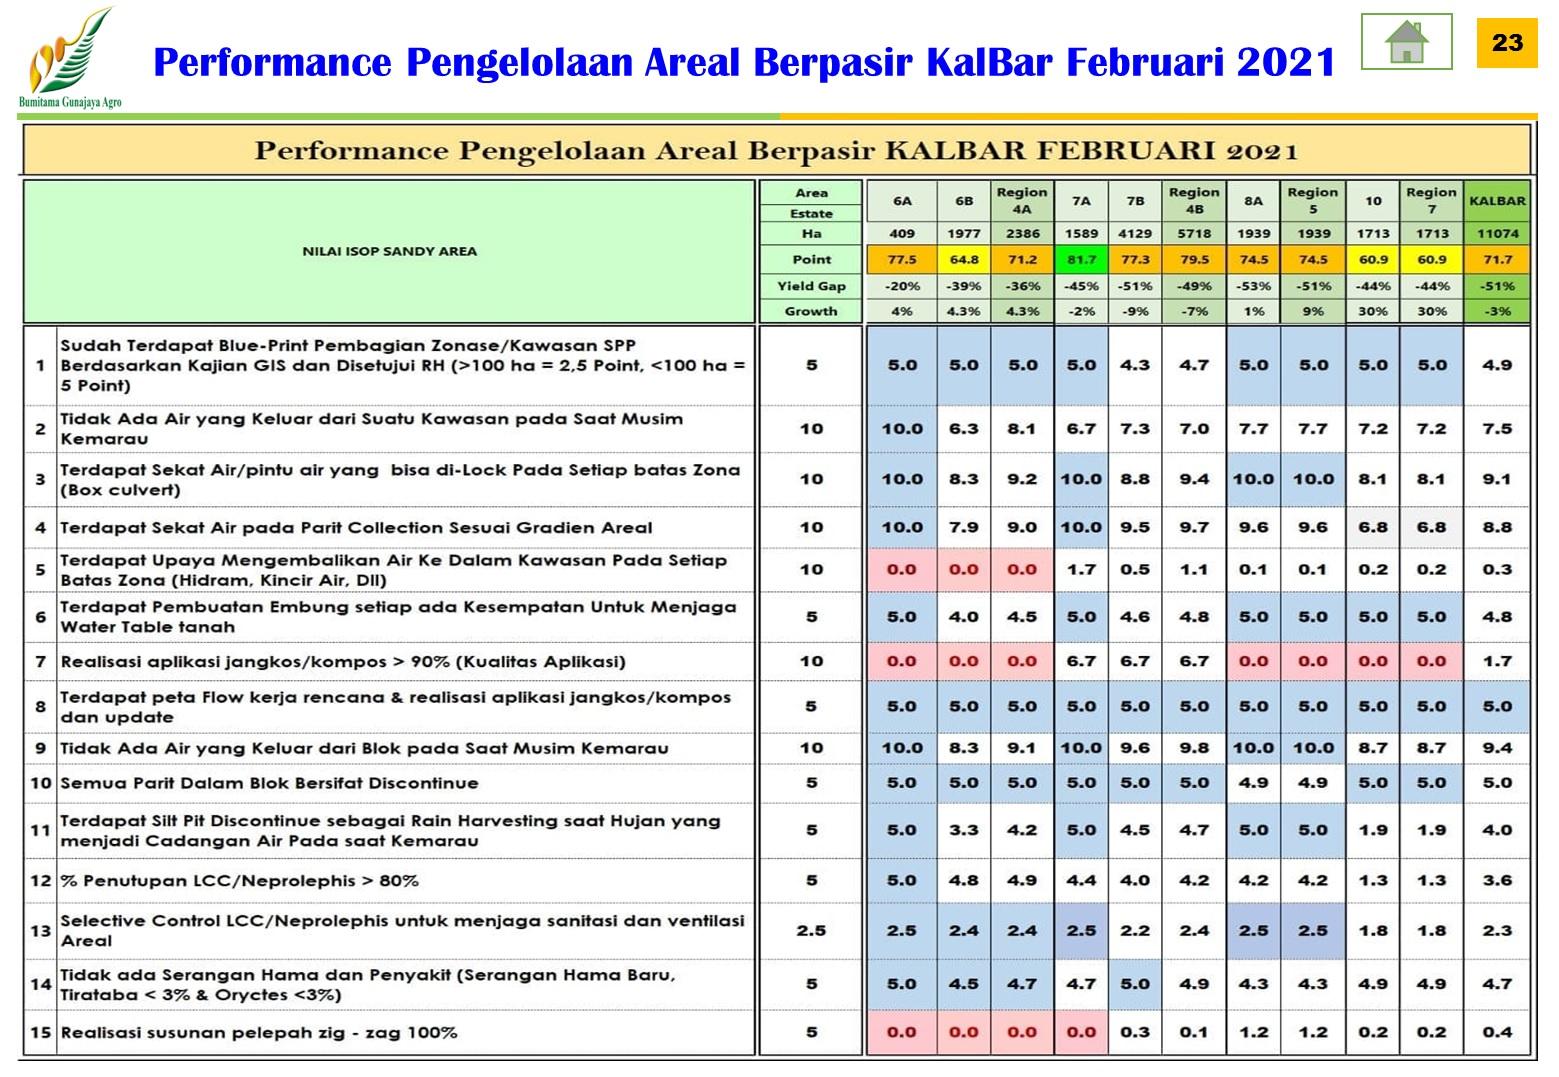 Performance Pengelolaan Areal Berpasir Region KalBar Periode Februari 2021